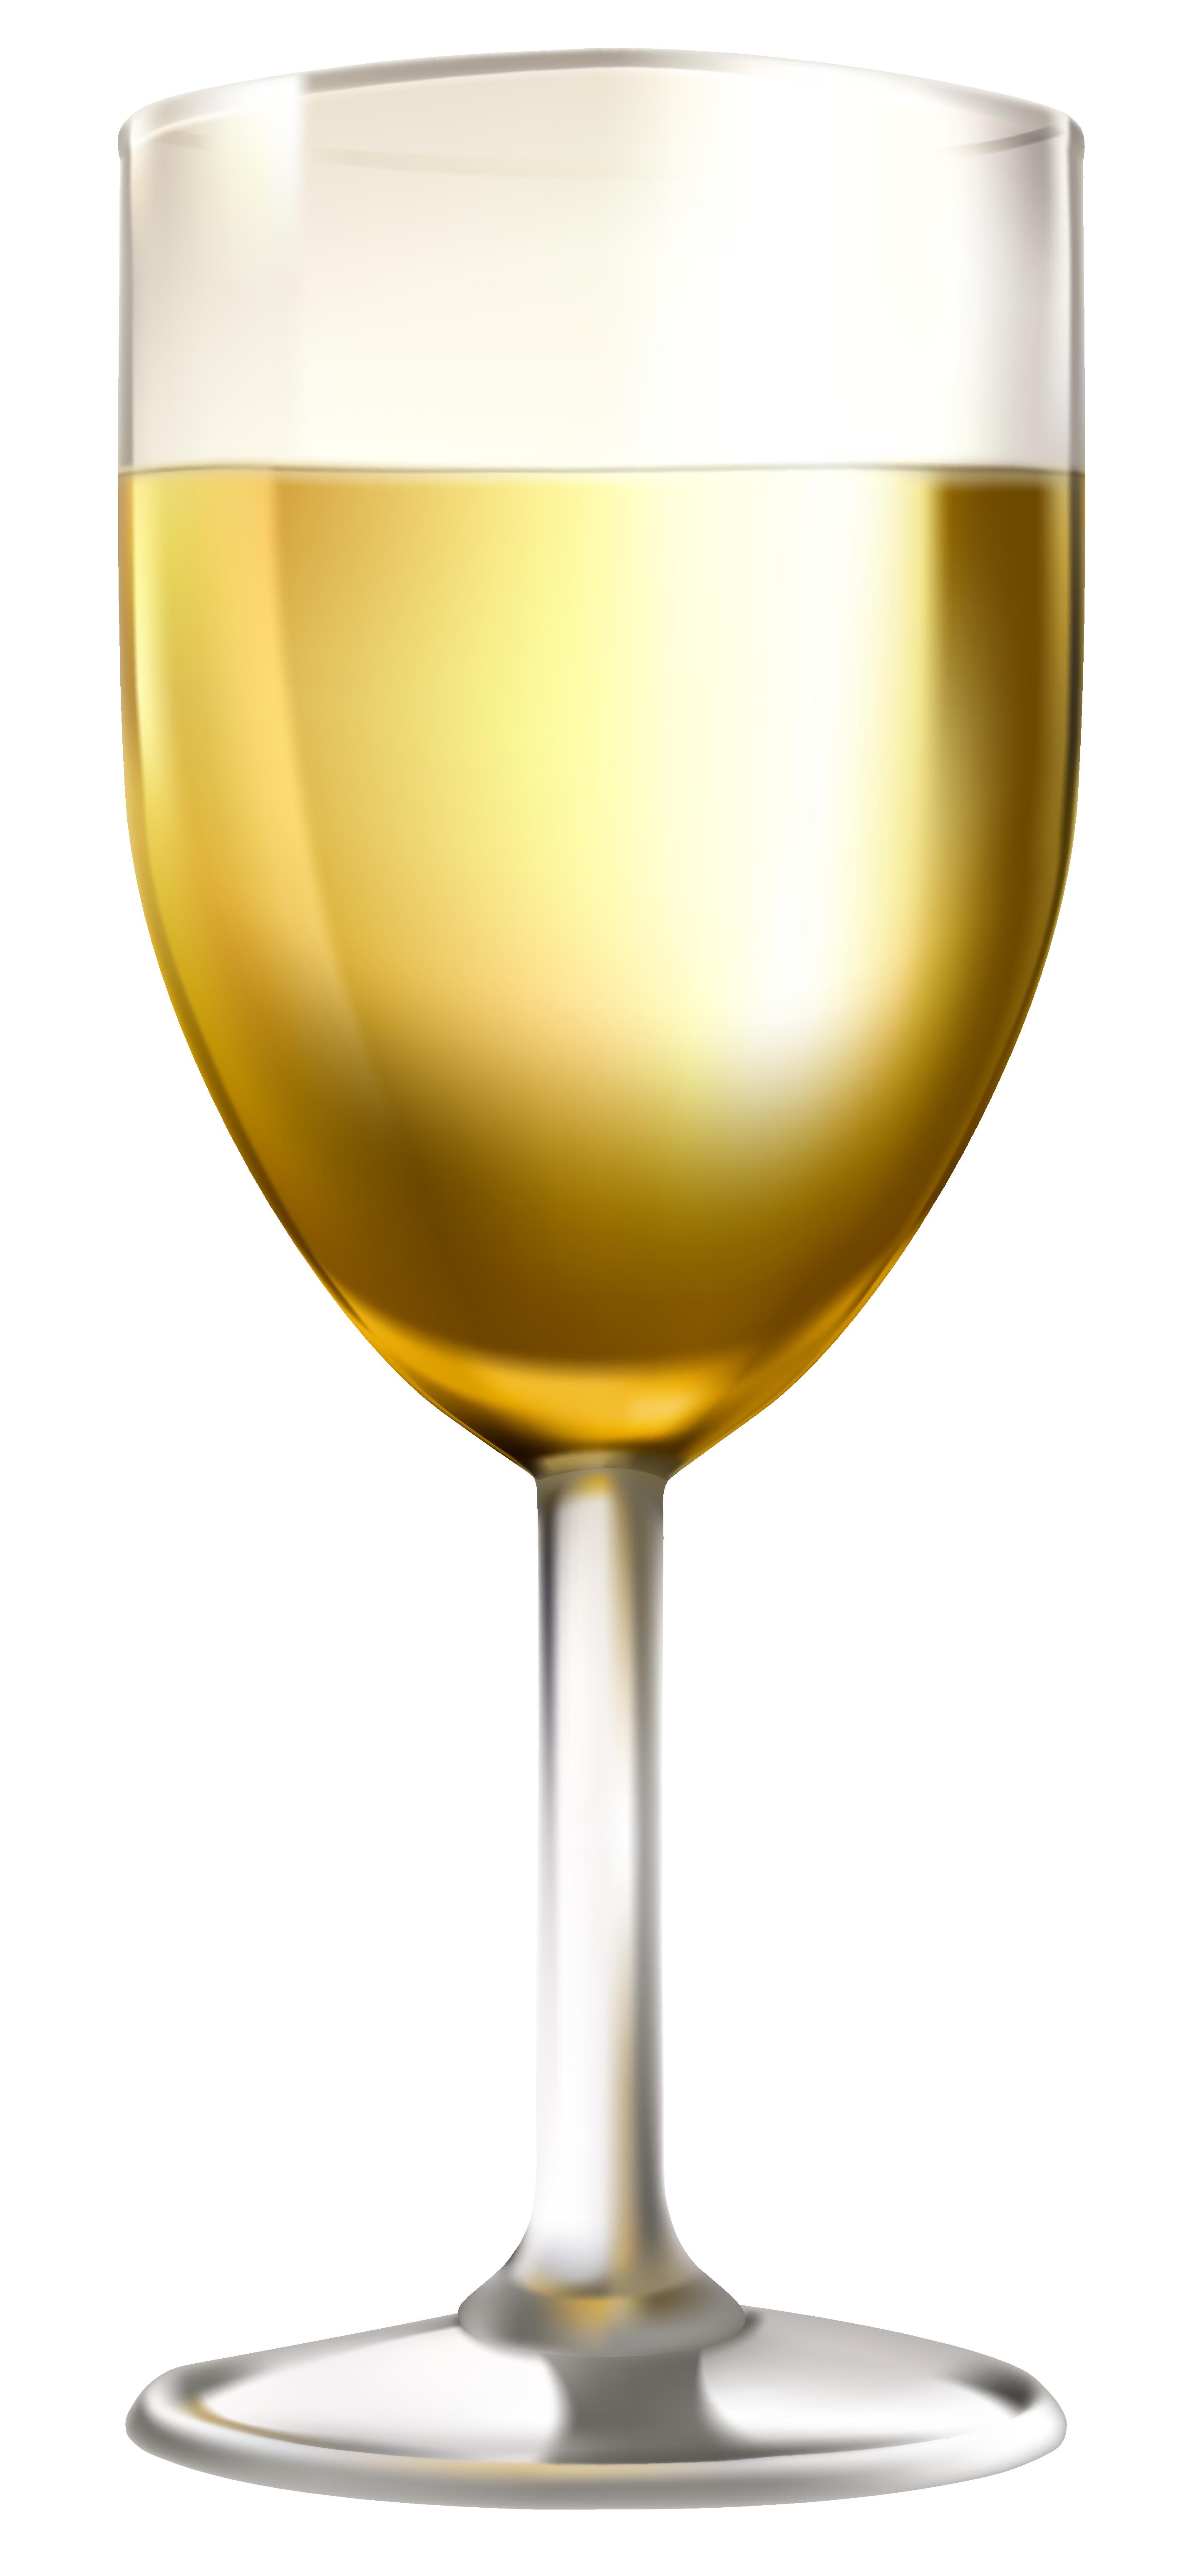 White wine glass clip art image.